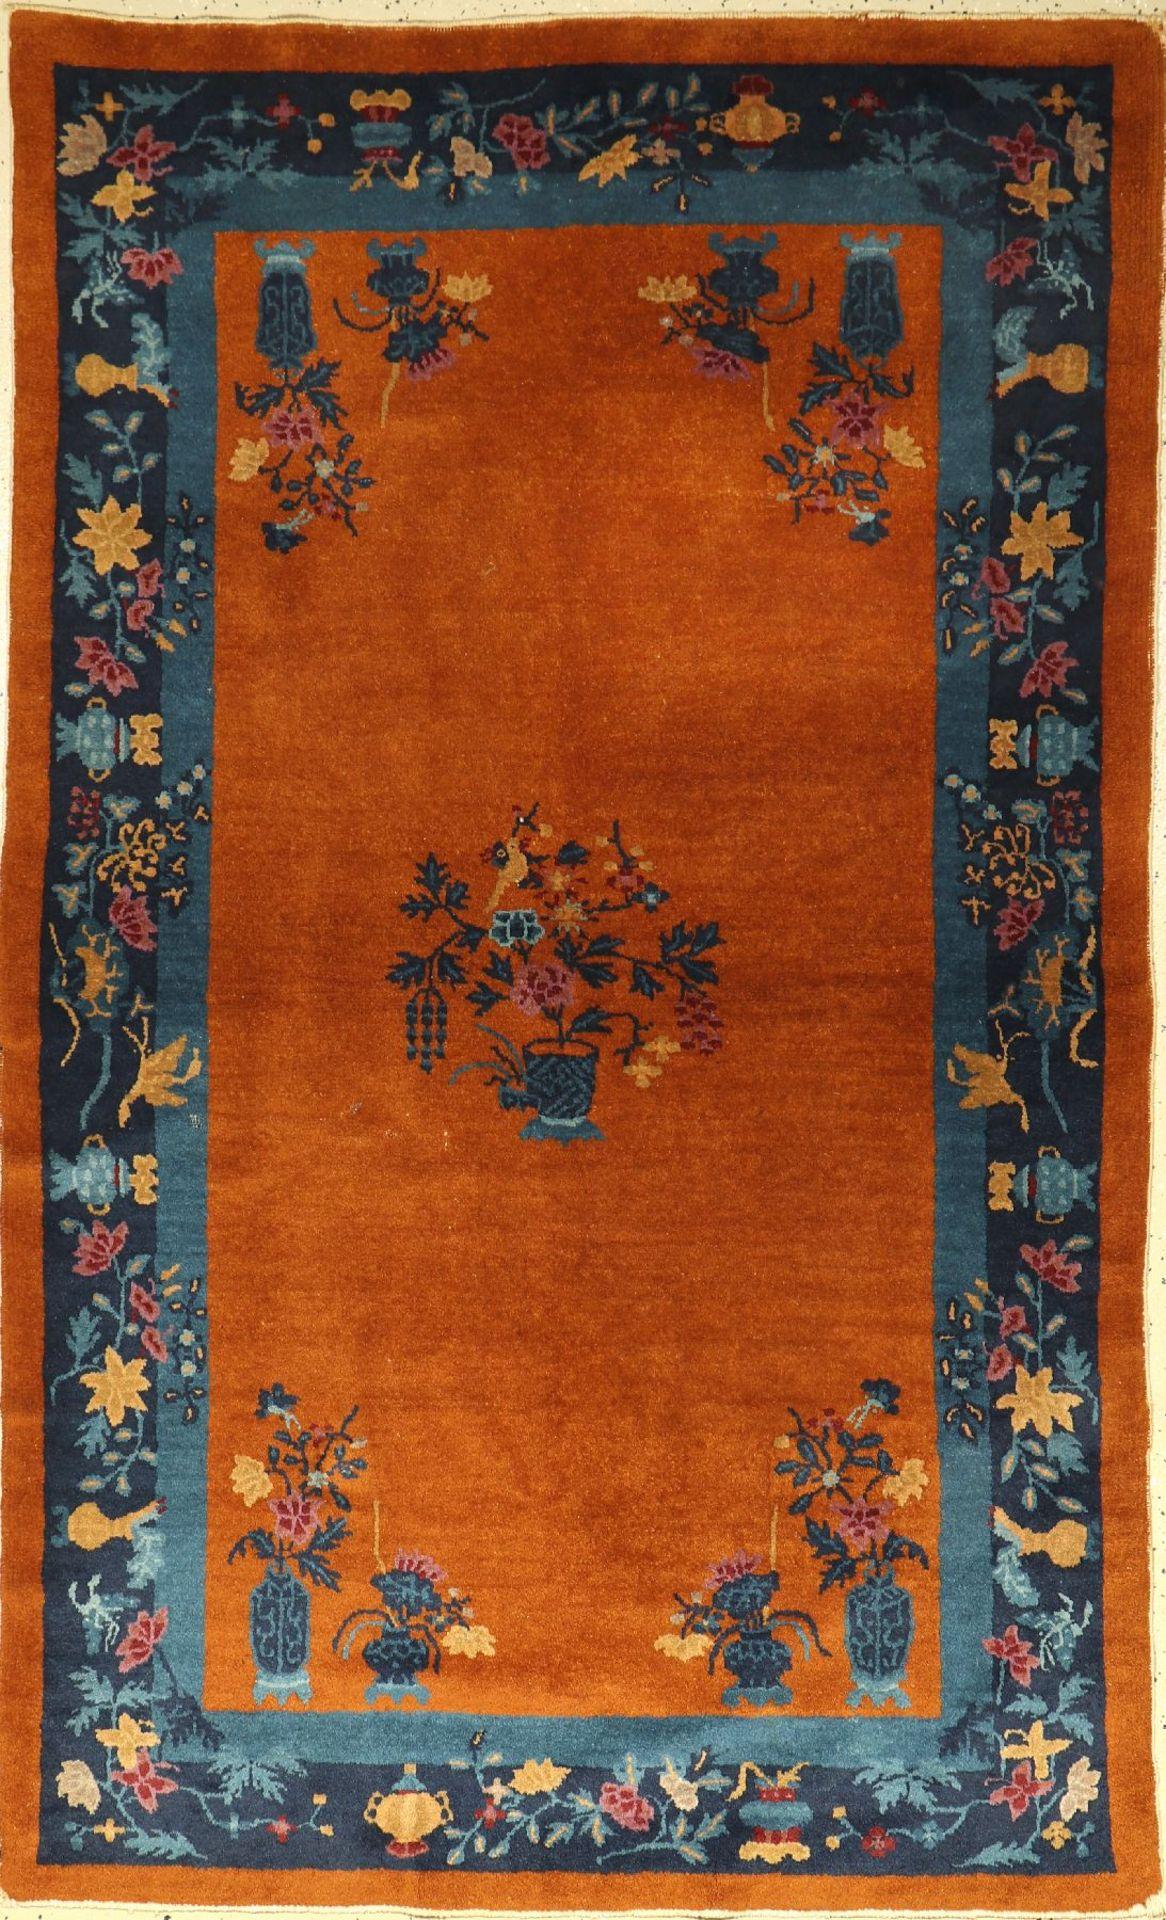 Peking antik, China, um 1910/1920, Korkwolle, ca. 205 x 130 cm, EHZ: 2-3